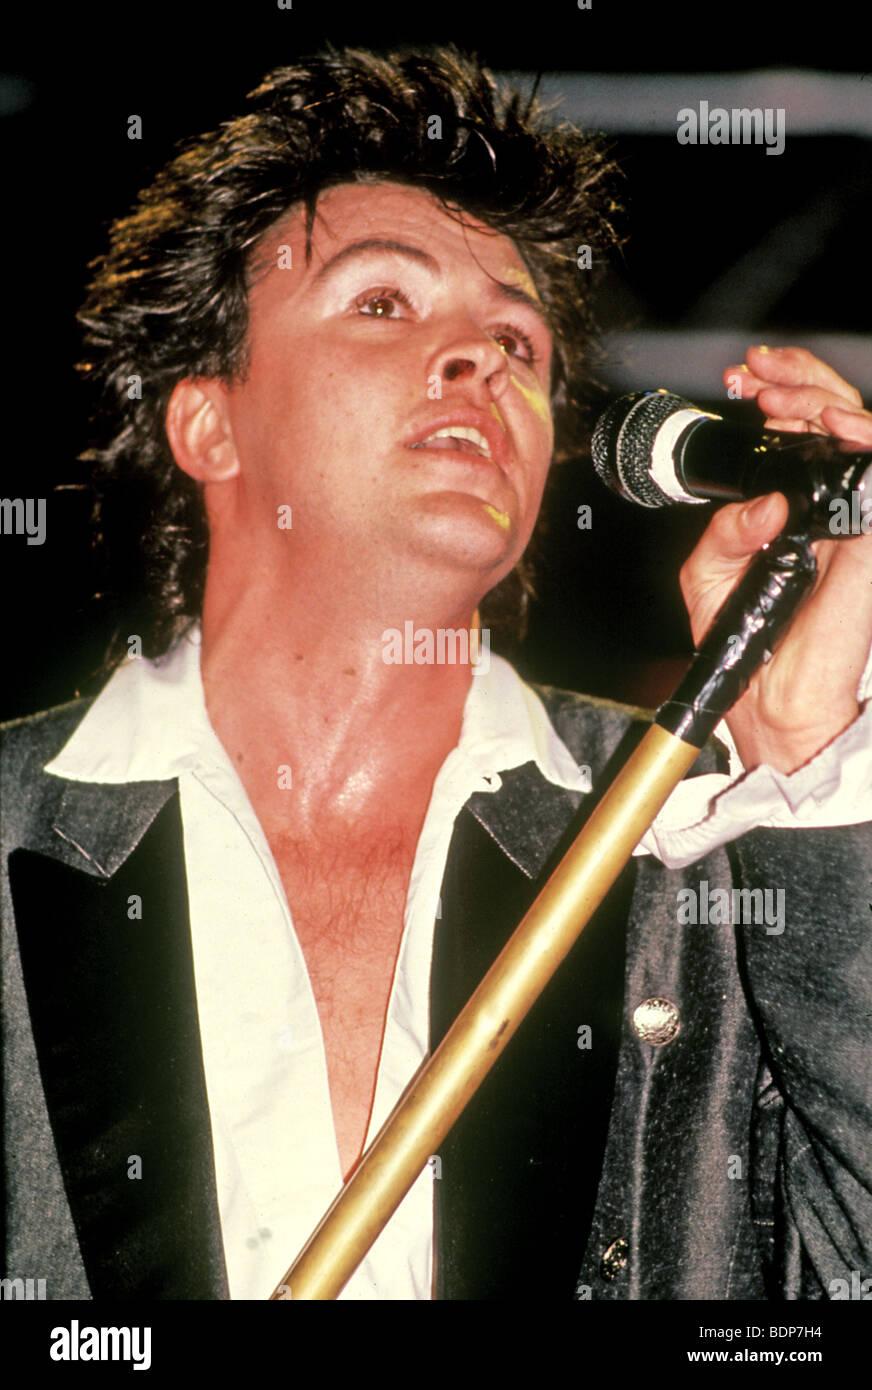 PAUL YOUNG - chanteuse pop britannique vers 1985 Photo Stock